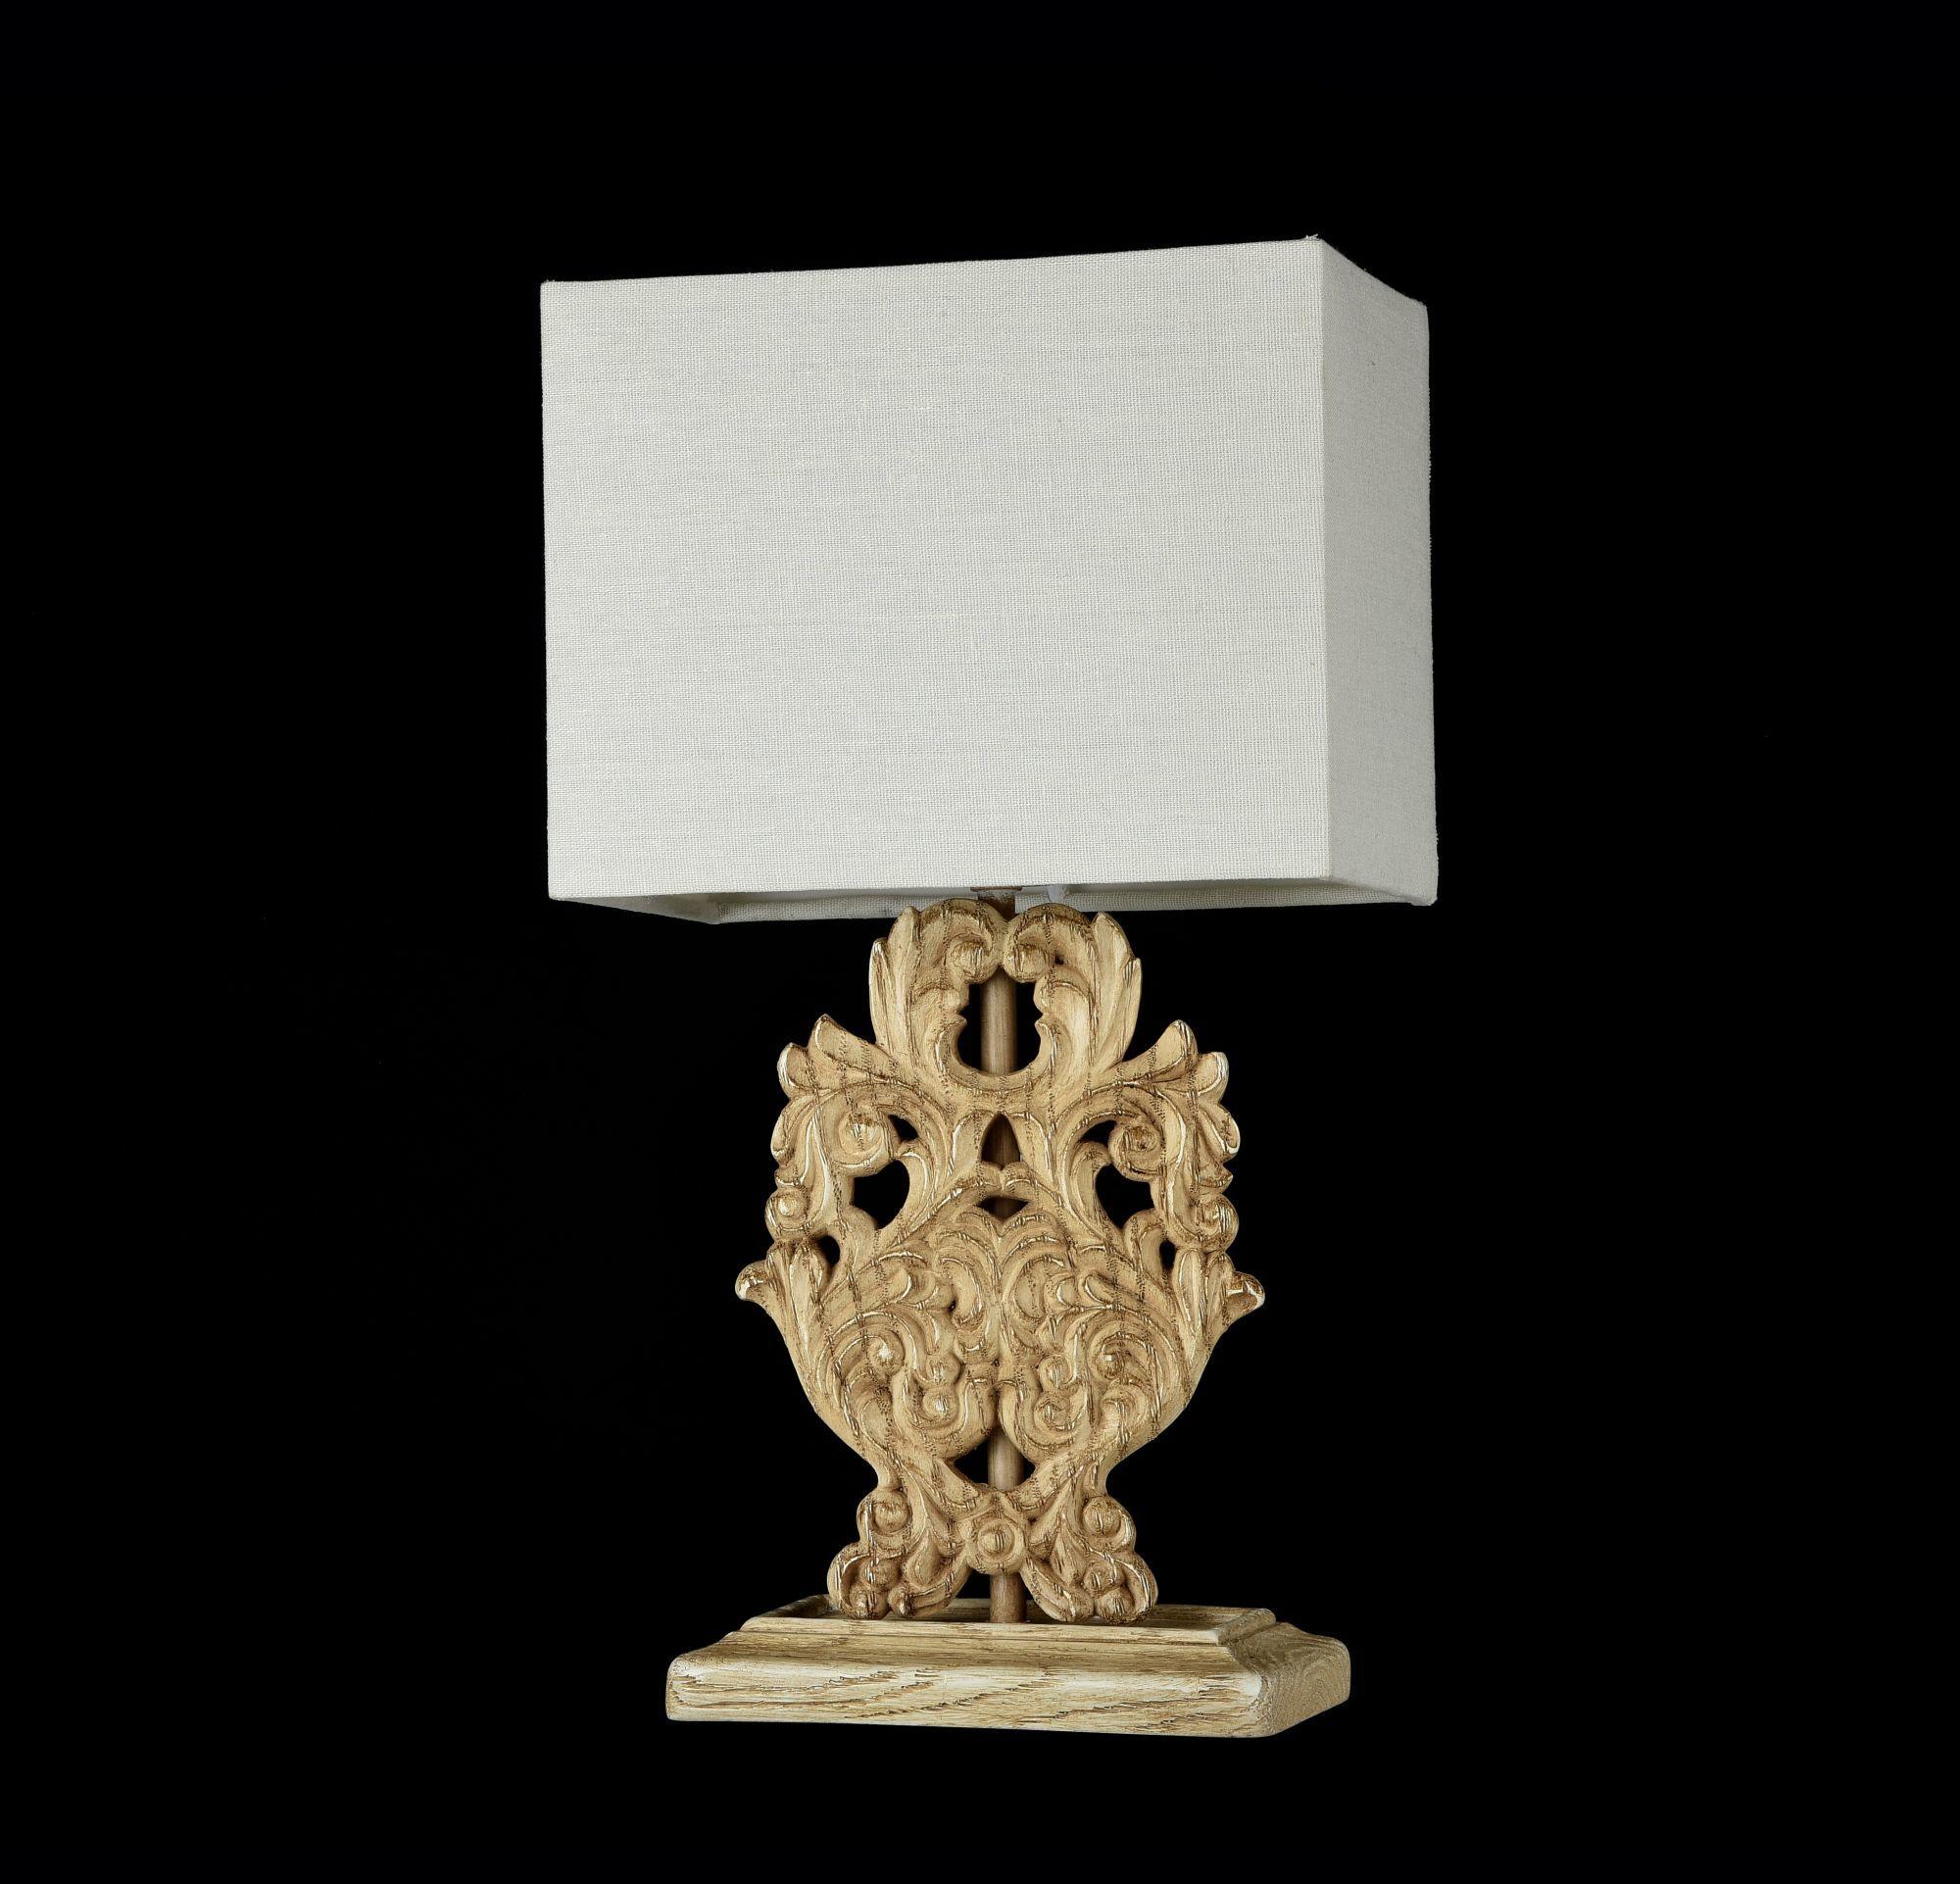 Настольная лампа Maytoni Cipresso H034-TL-01-R (arm034-11-r), 1xE14x40W, бежевый, пластик, текстиль - фото 4